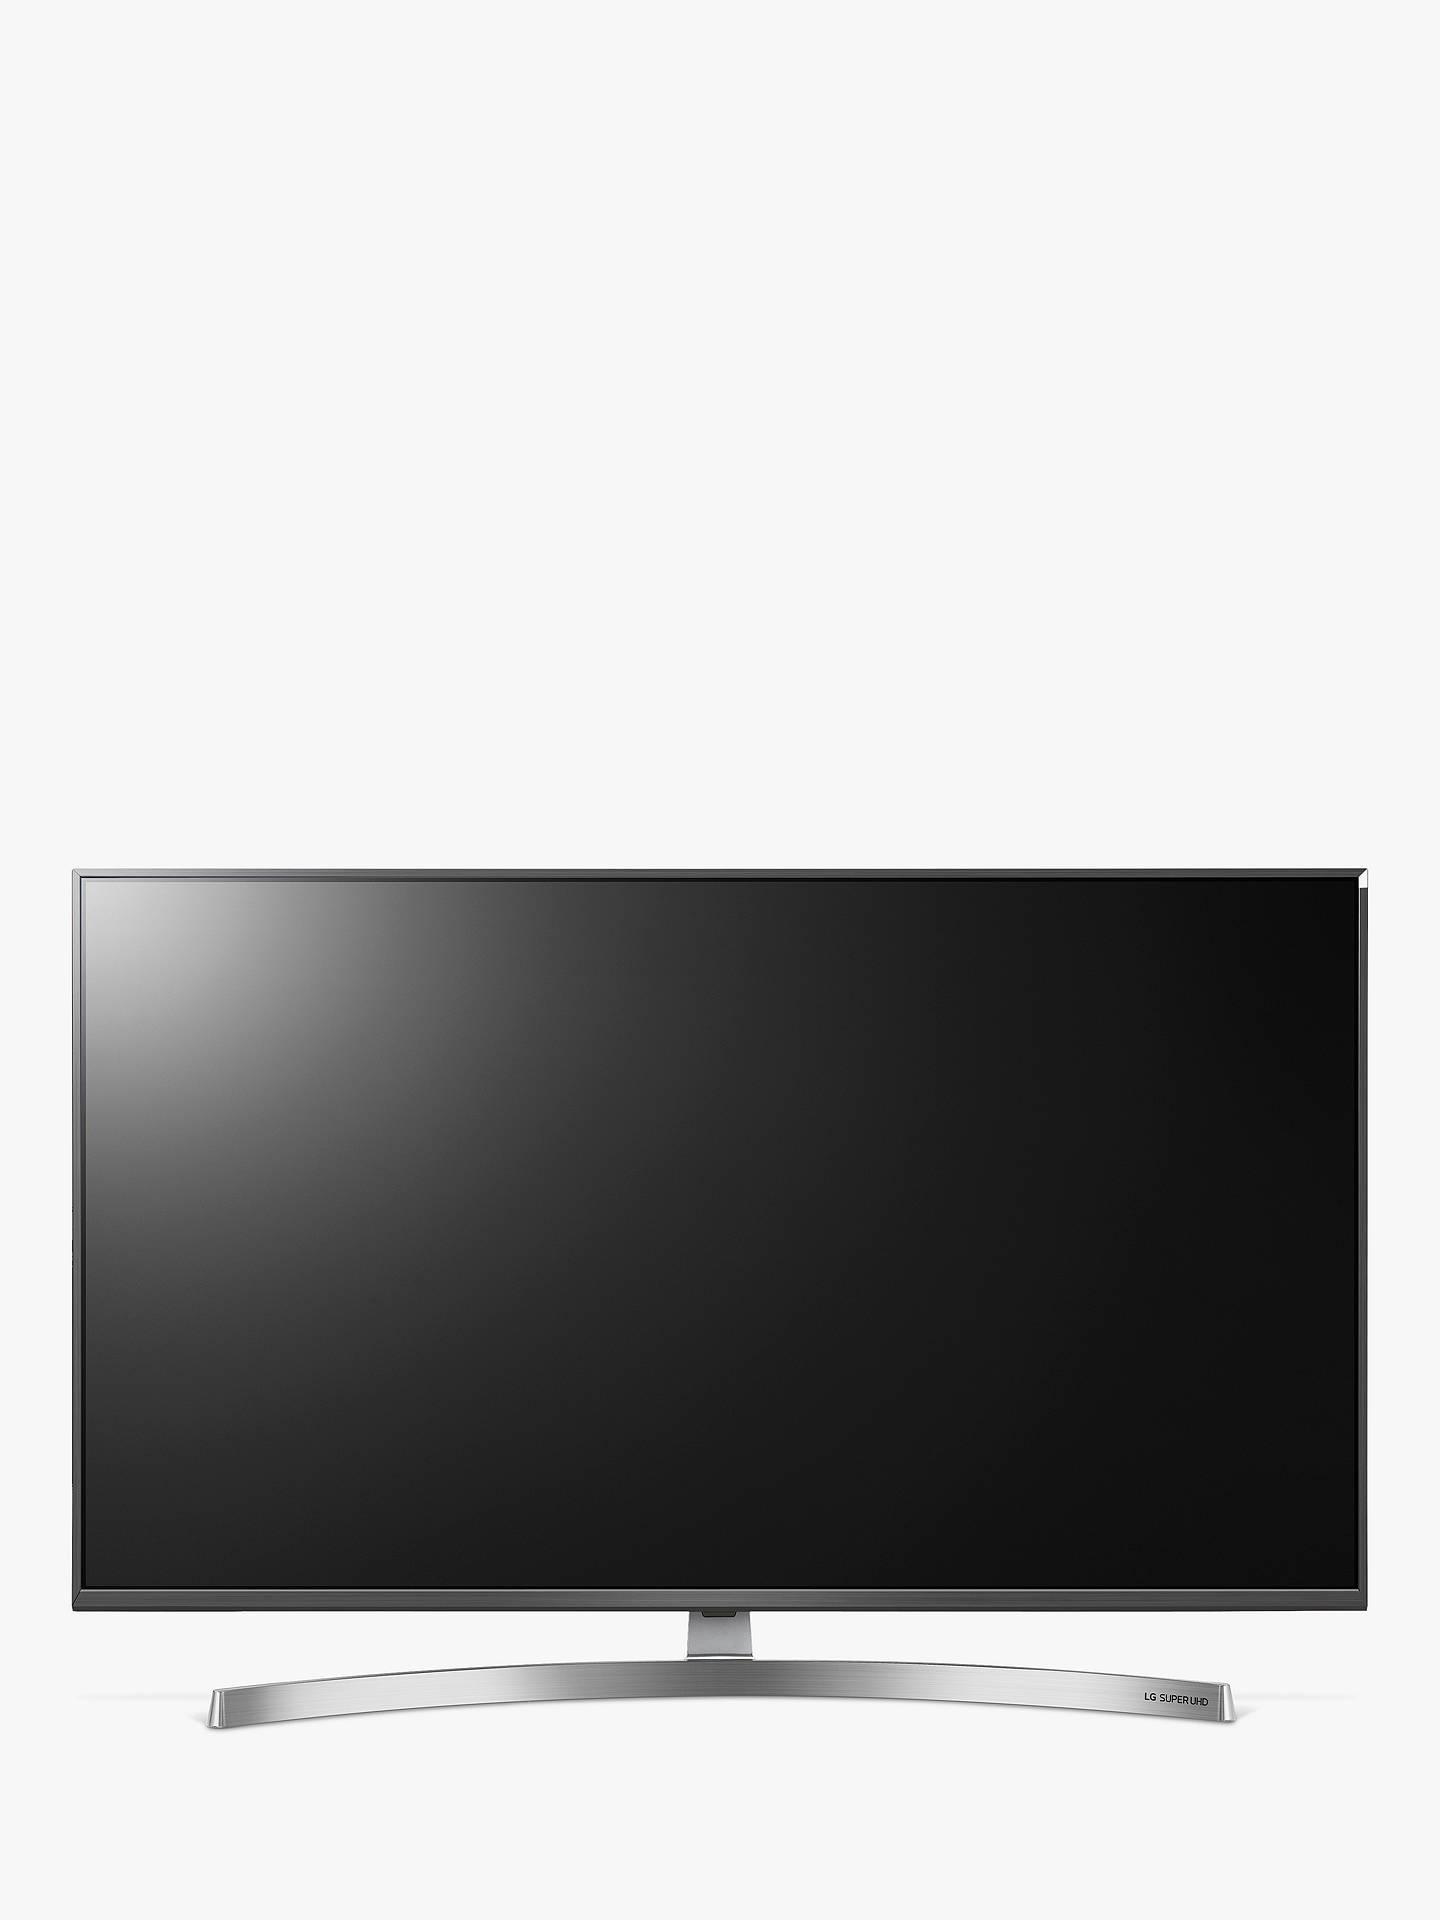 LG 49SK8100PLA LED HDR Super UHD 4K Ultra HD Smart TV, 49